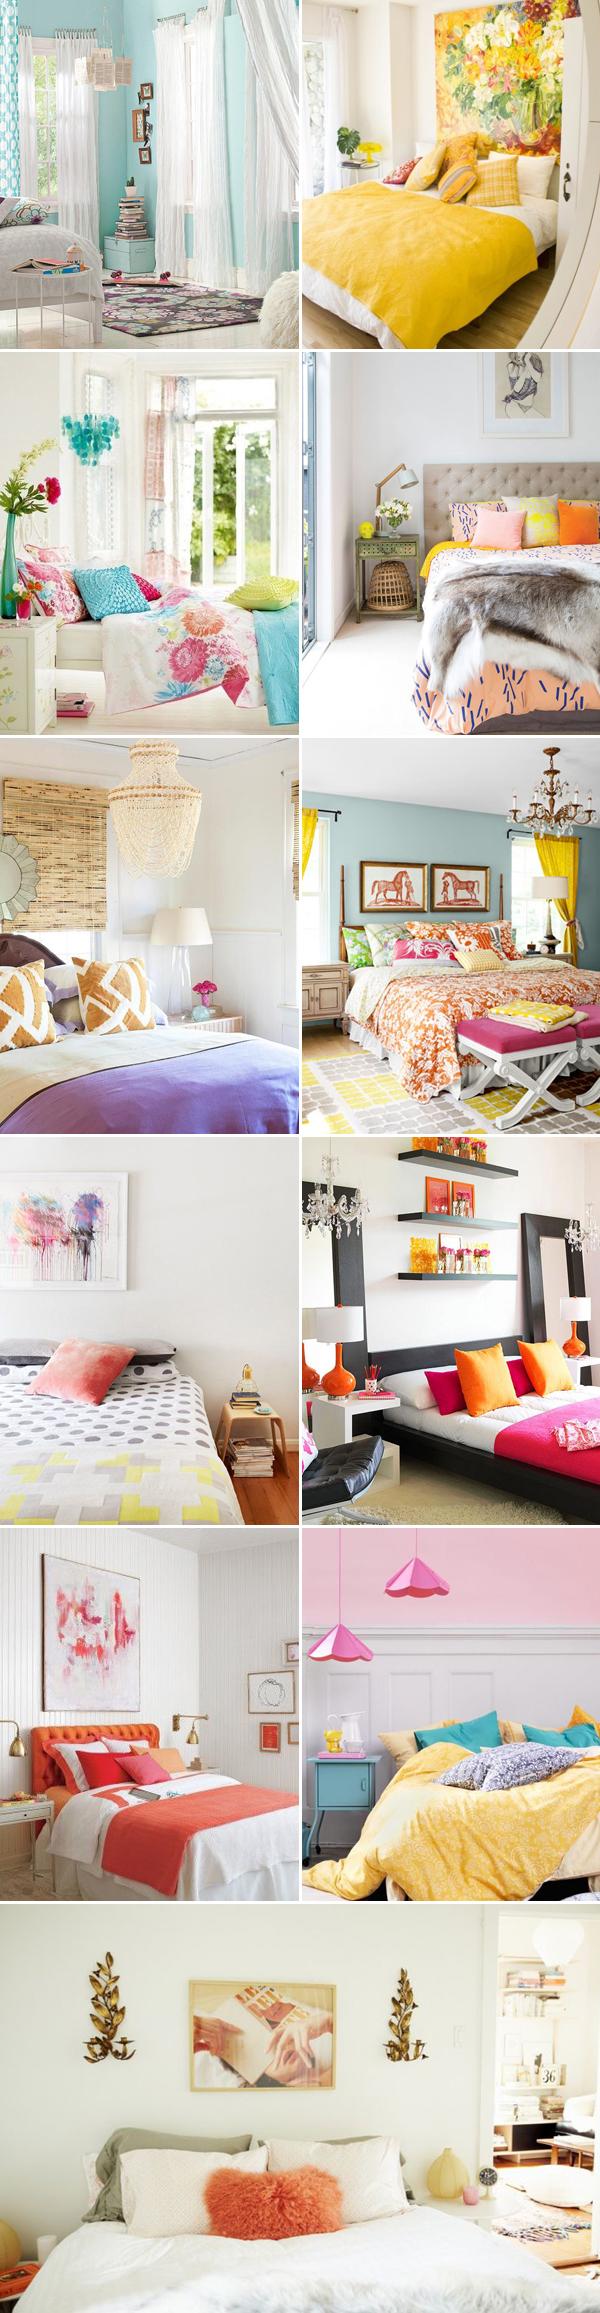 bedroom01-pop-of-color